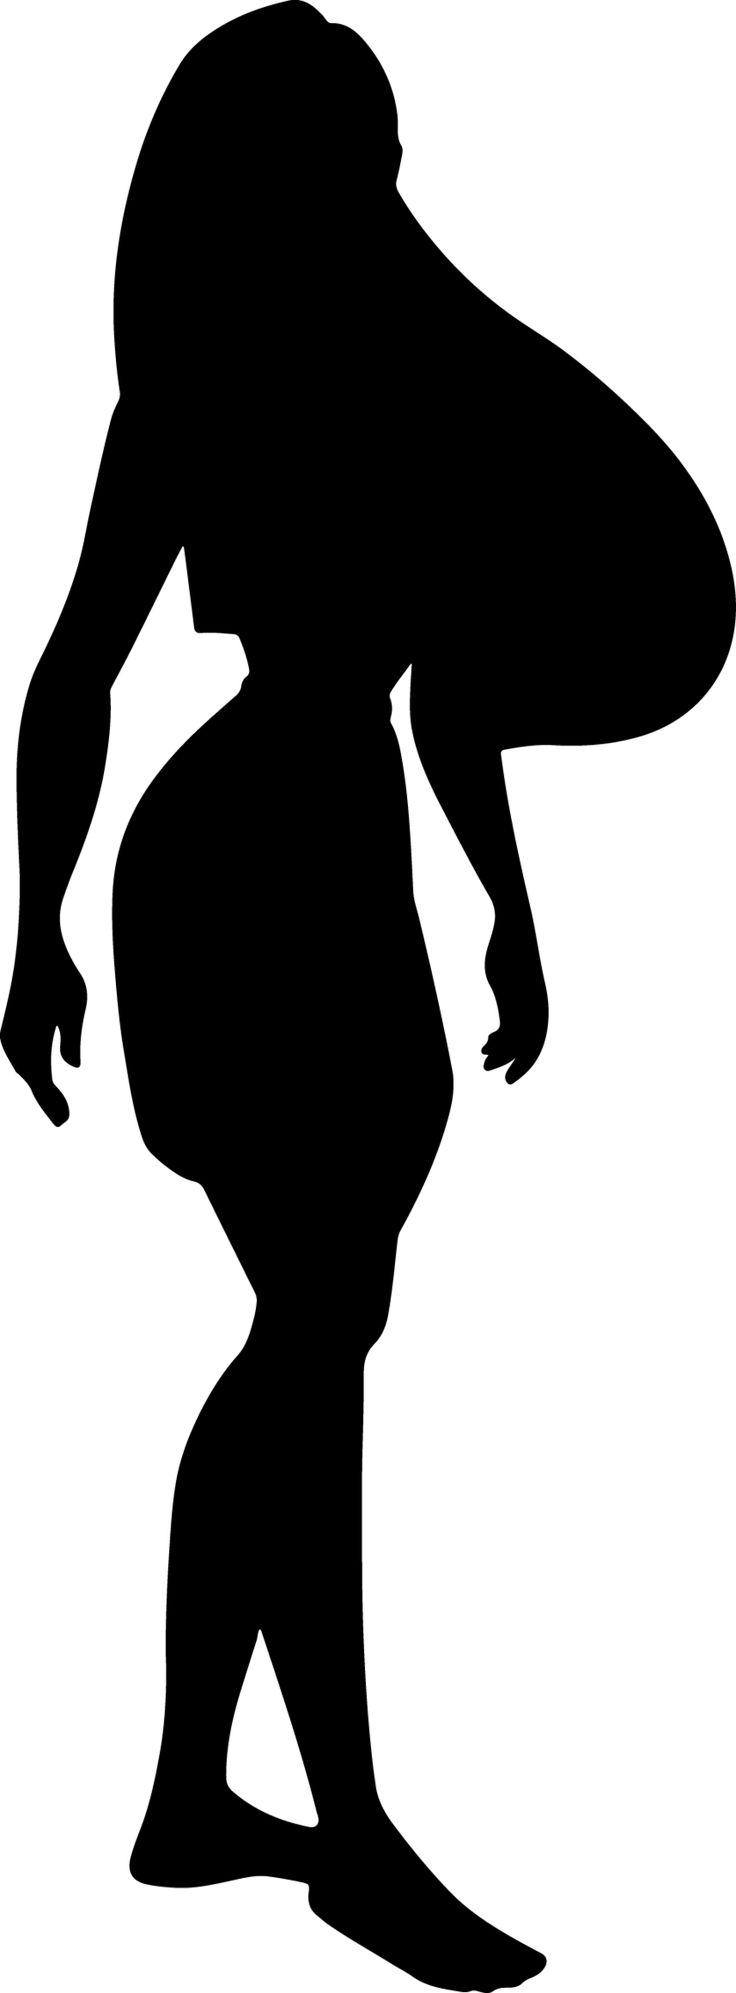 disney princess silhouette - Google Search   Disney ...